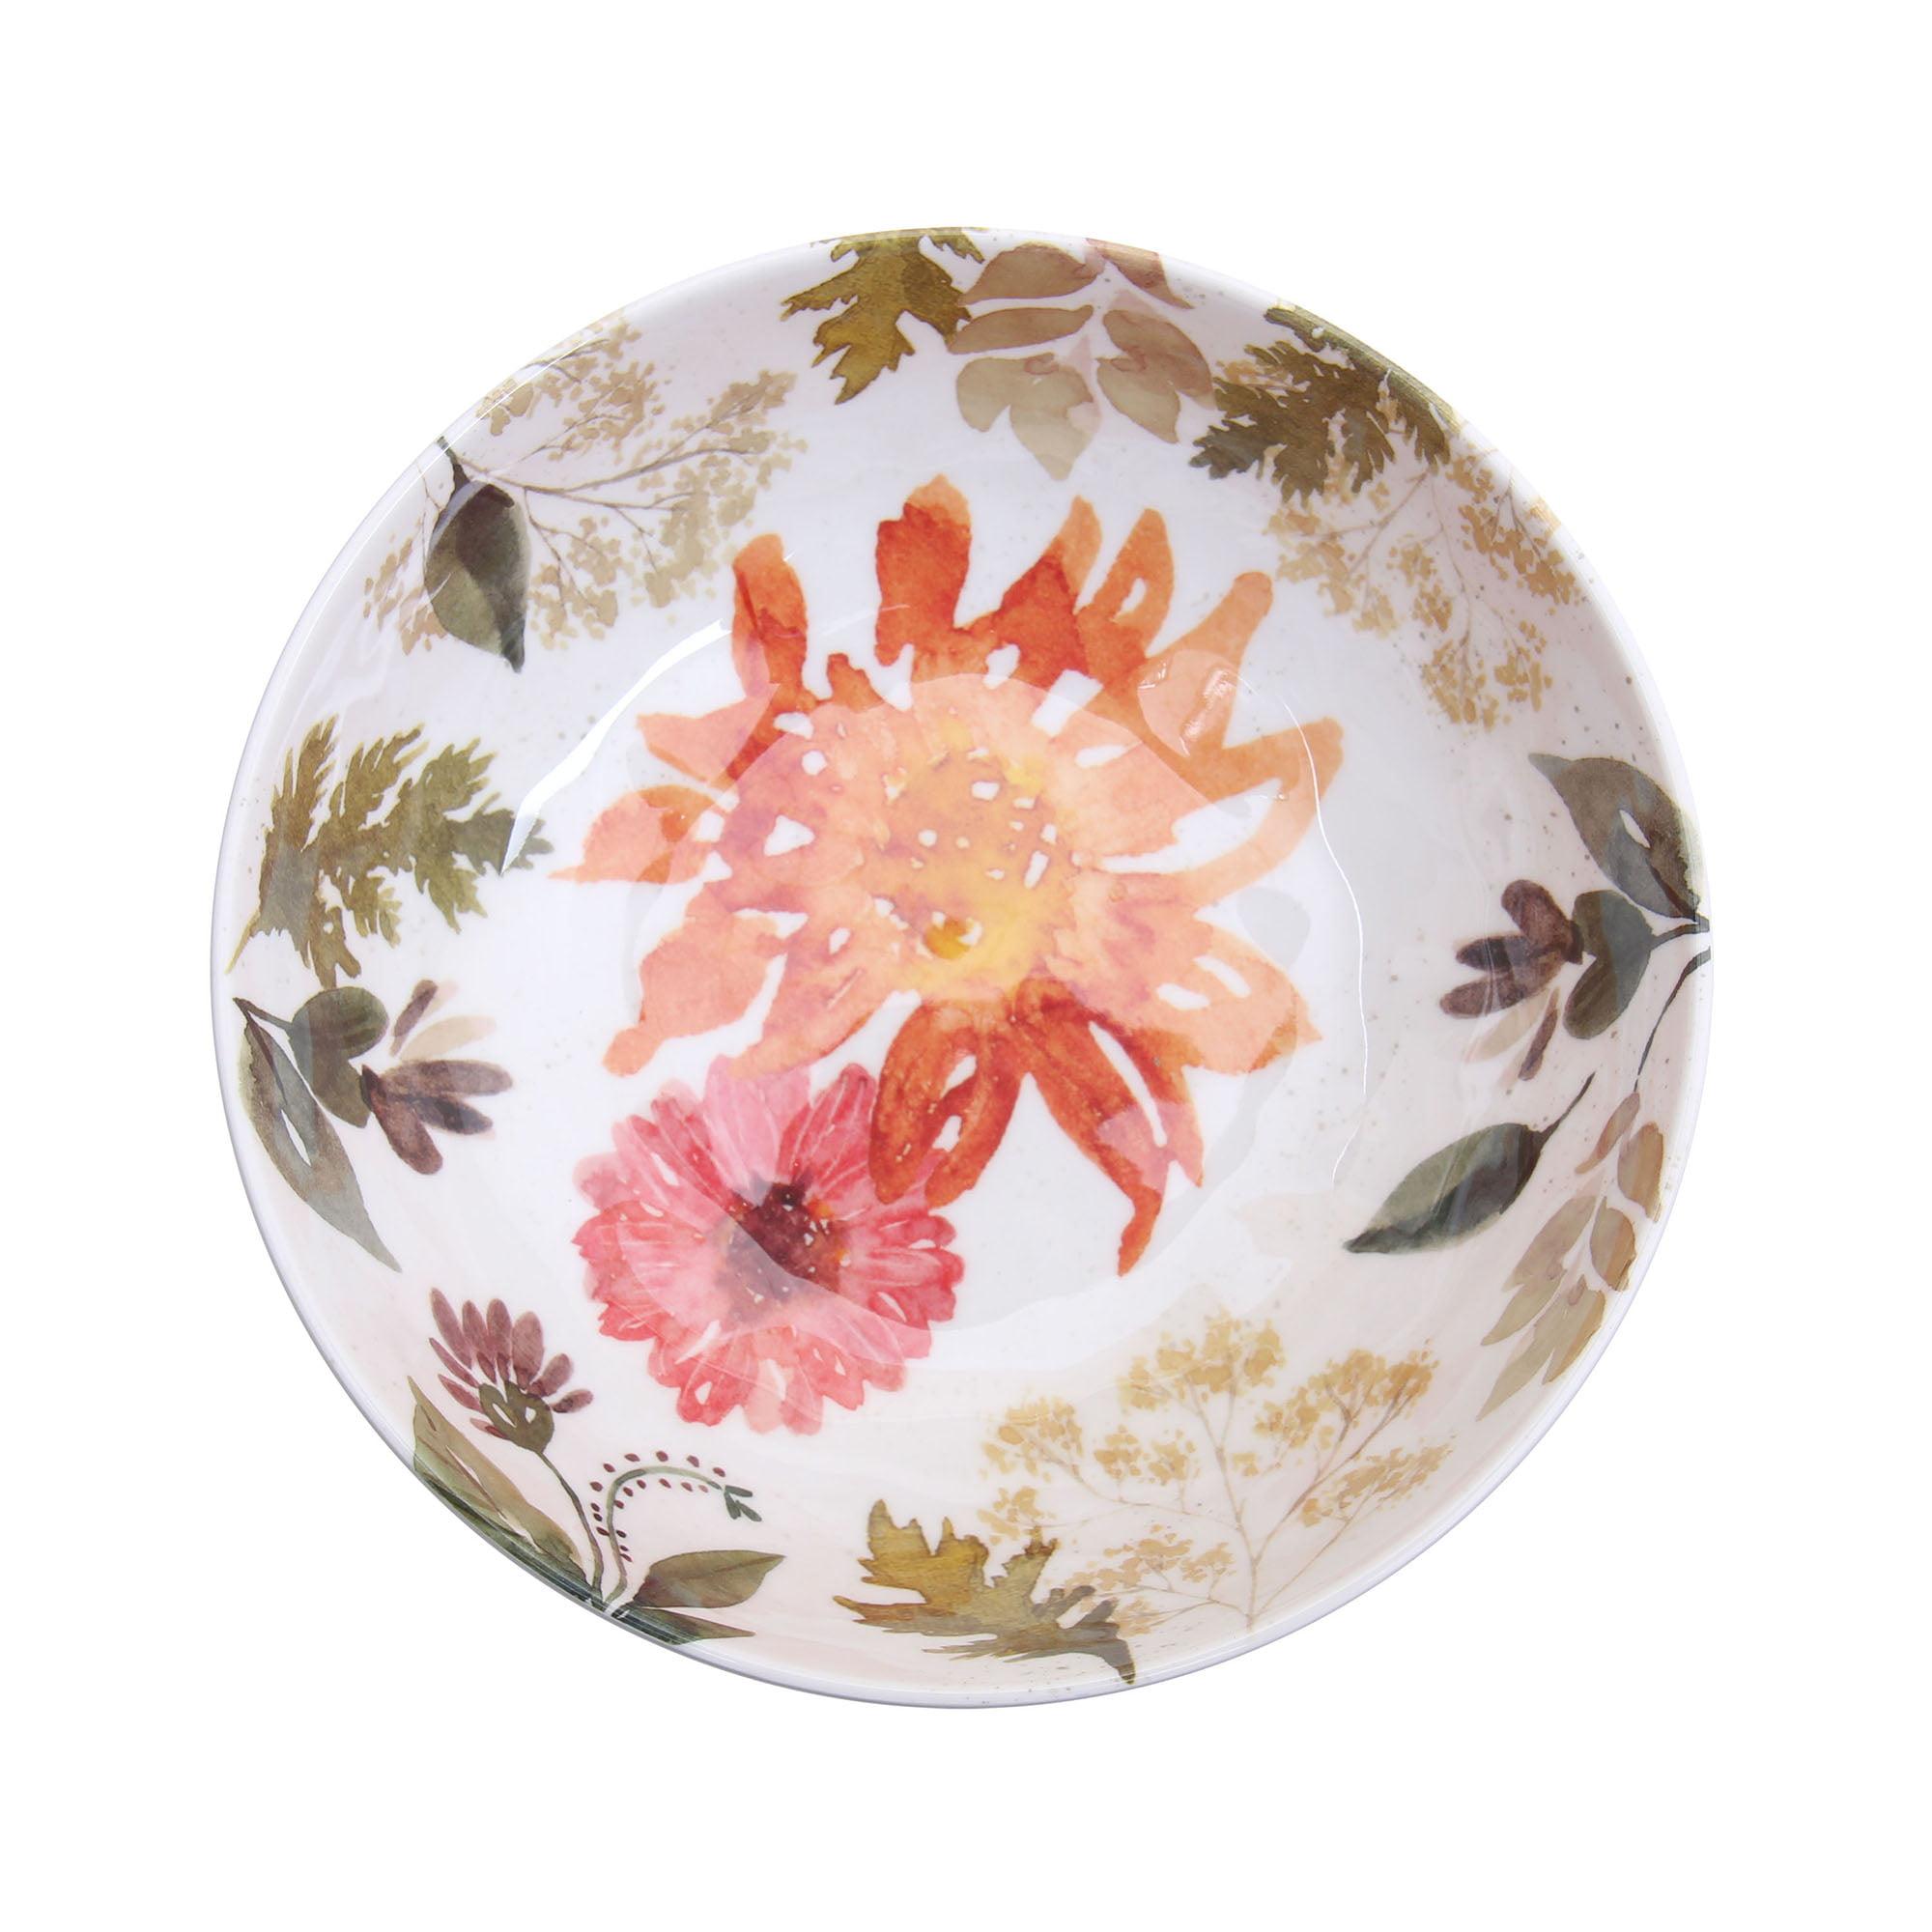 Better Homes & Gardens Floral Melamine Cereal Bowl, Set of 4